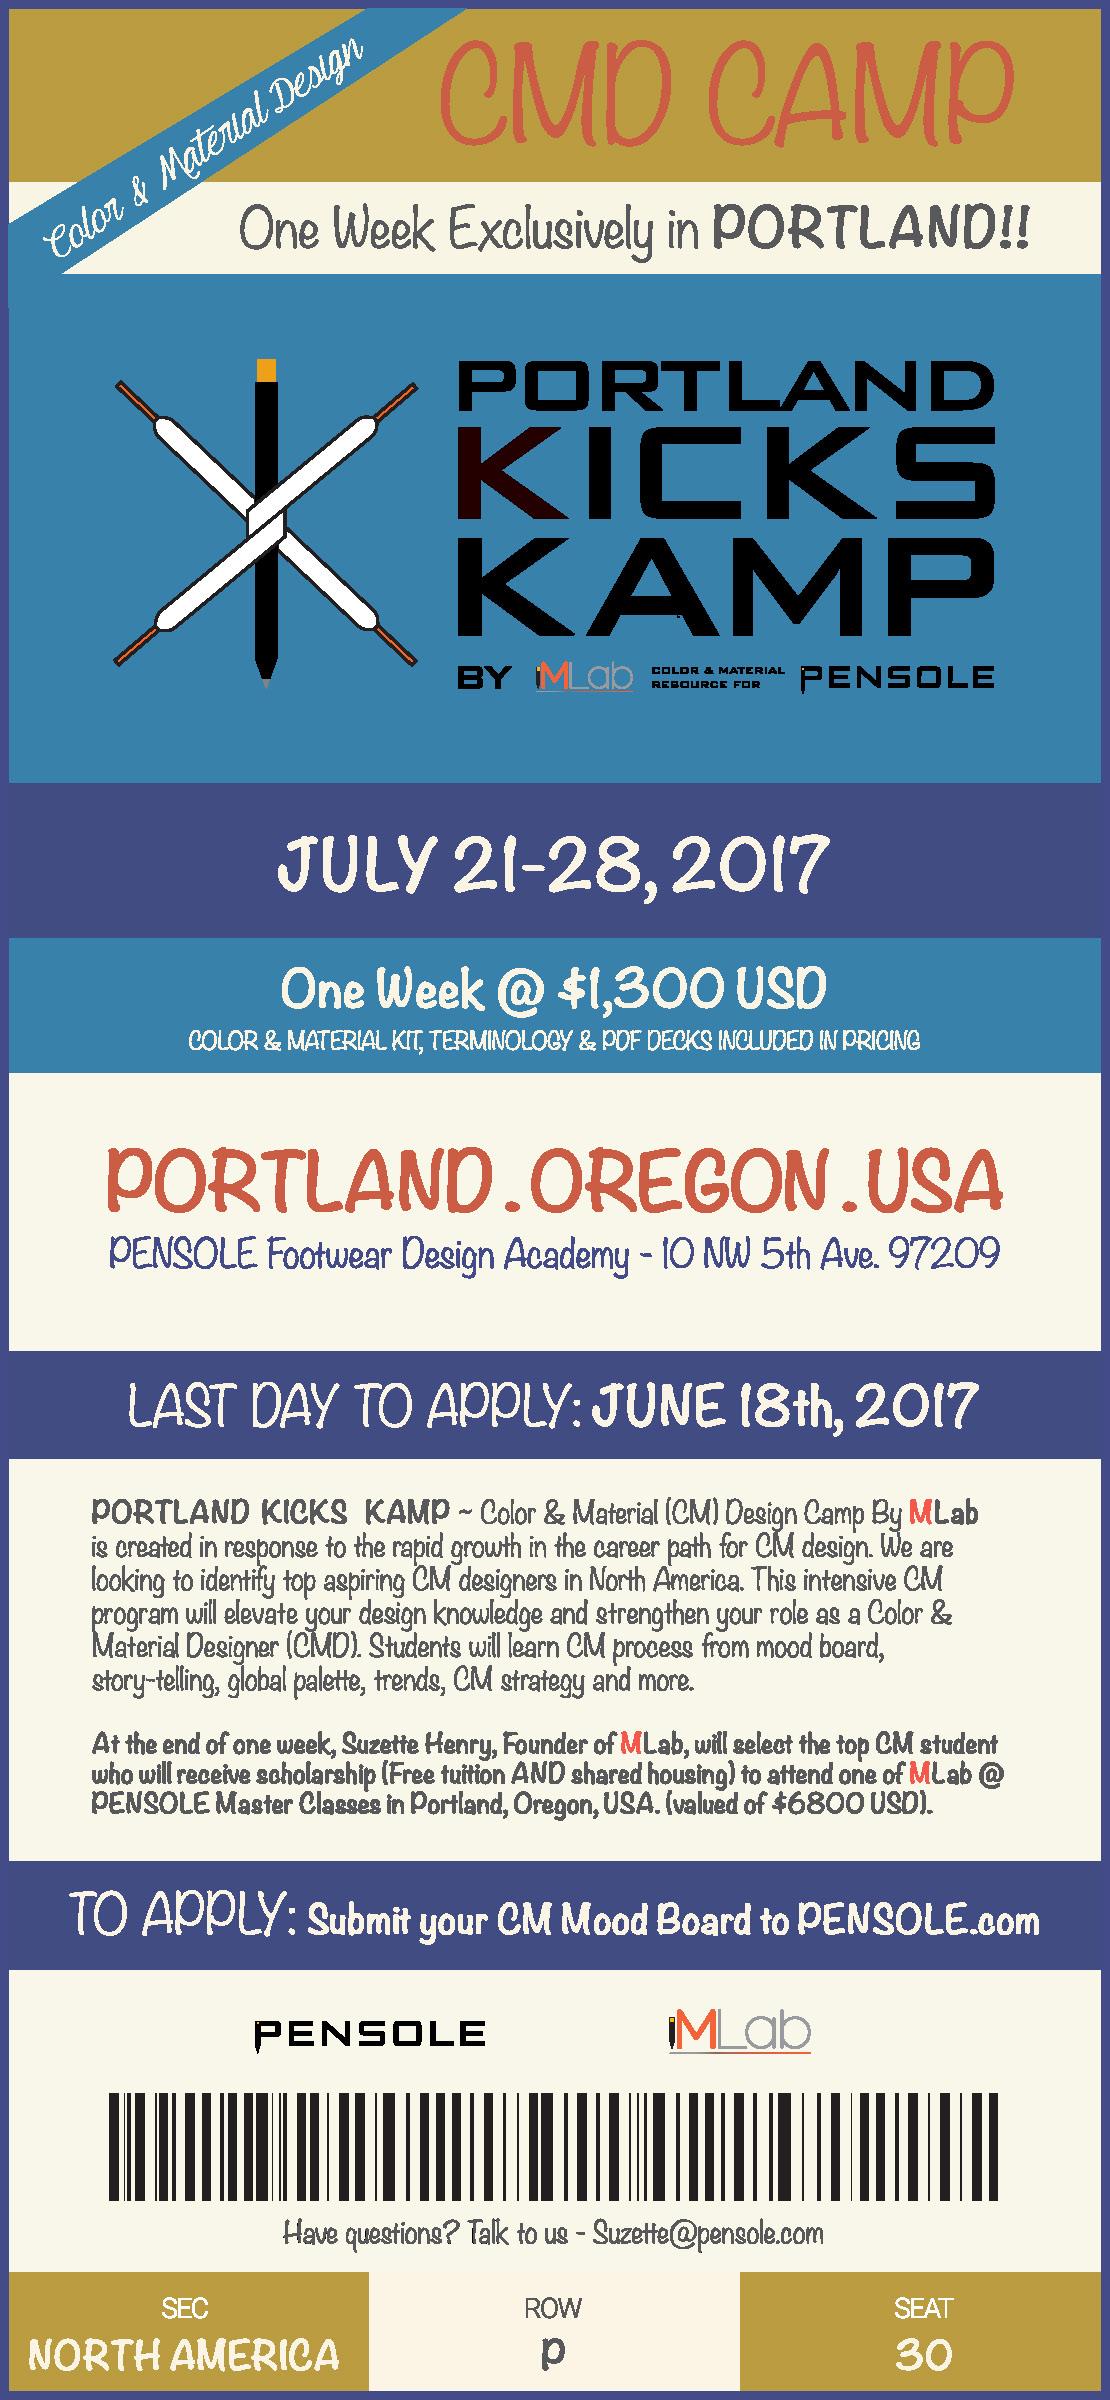 CMD PDX Kicks Kamp Poster_email.jpg